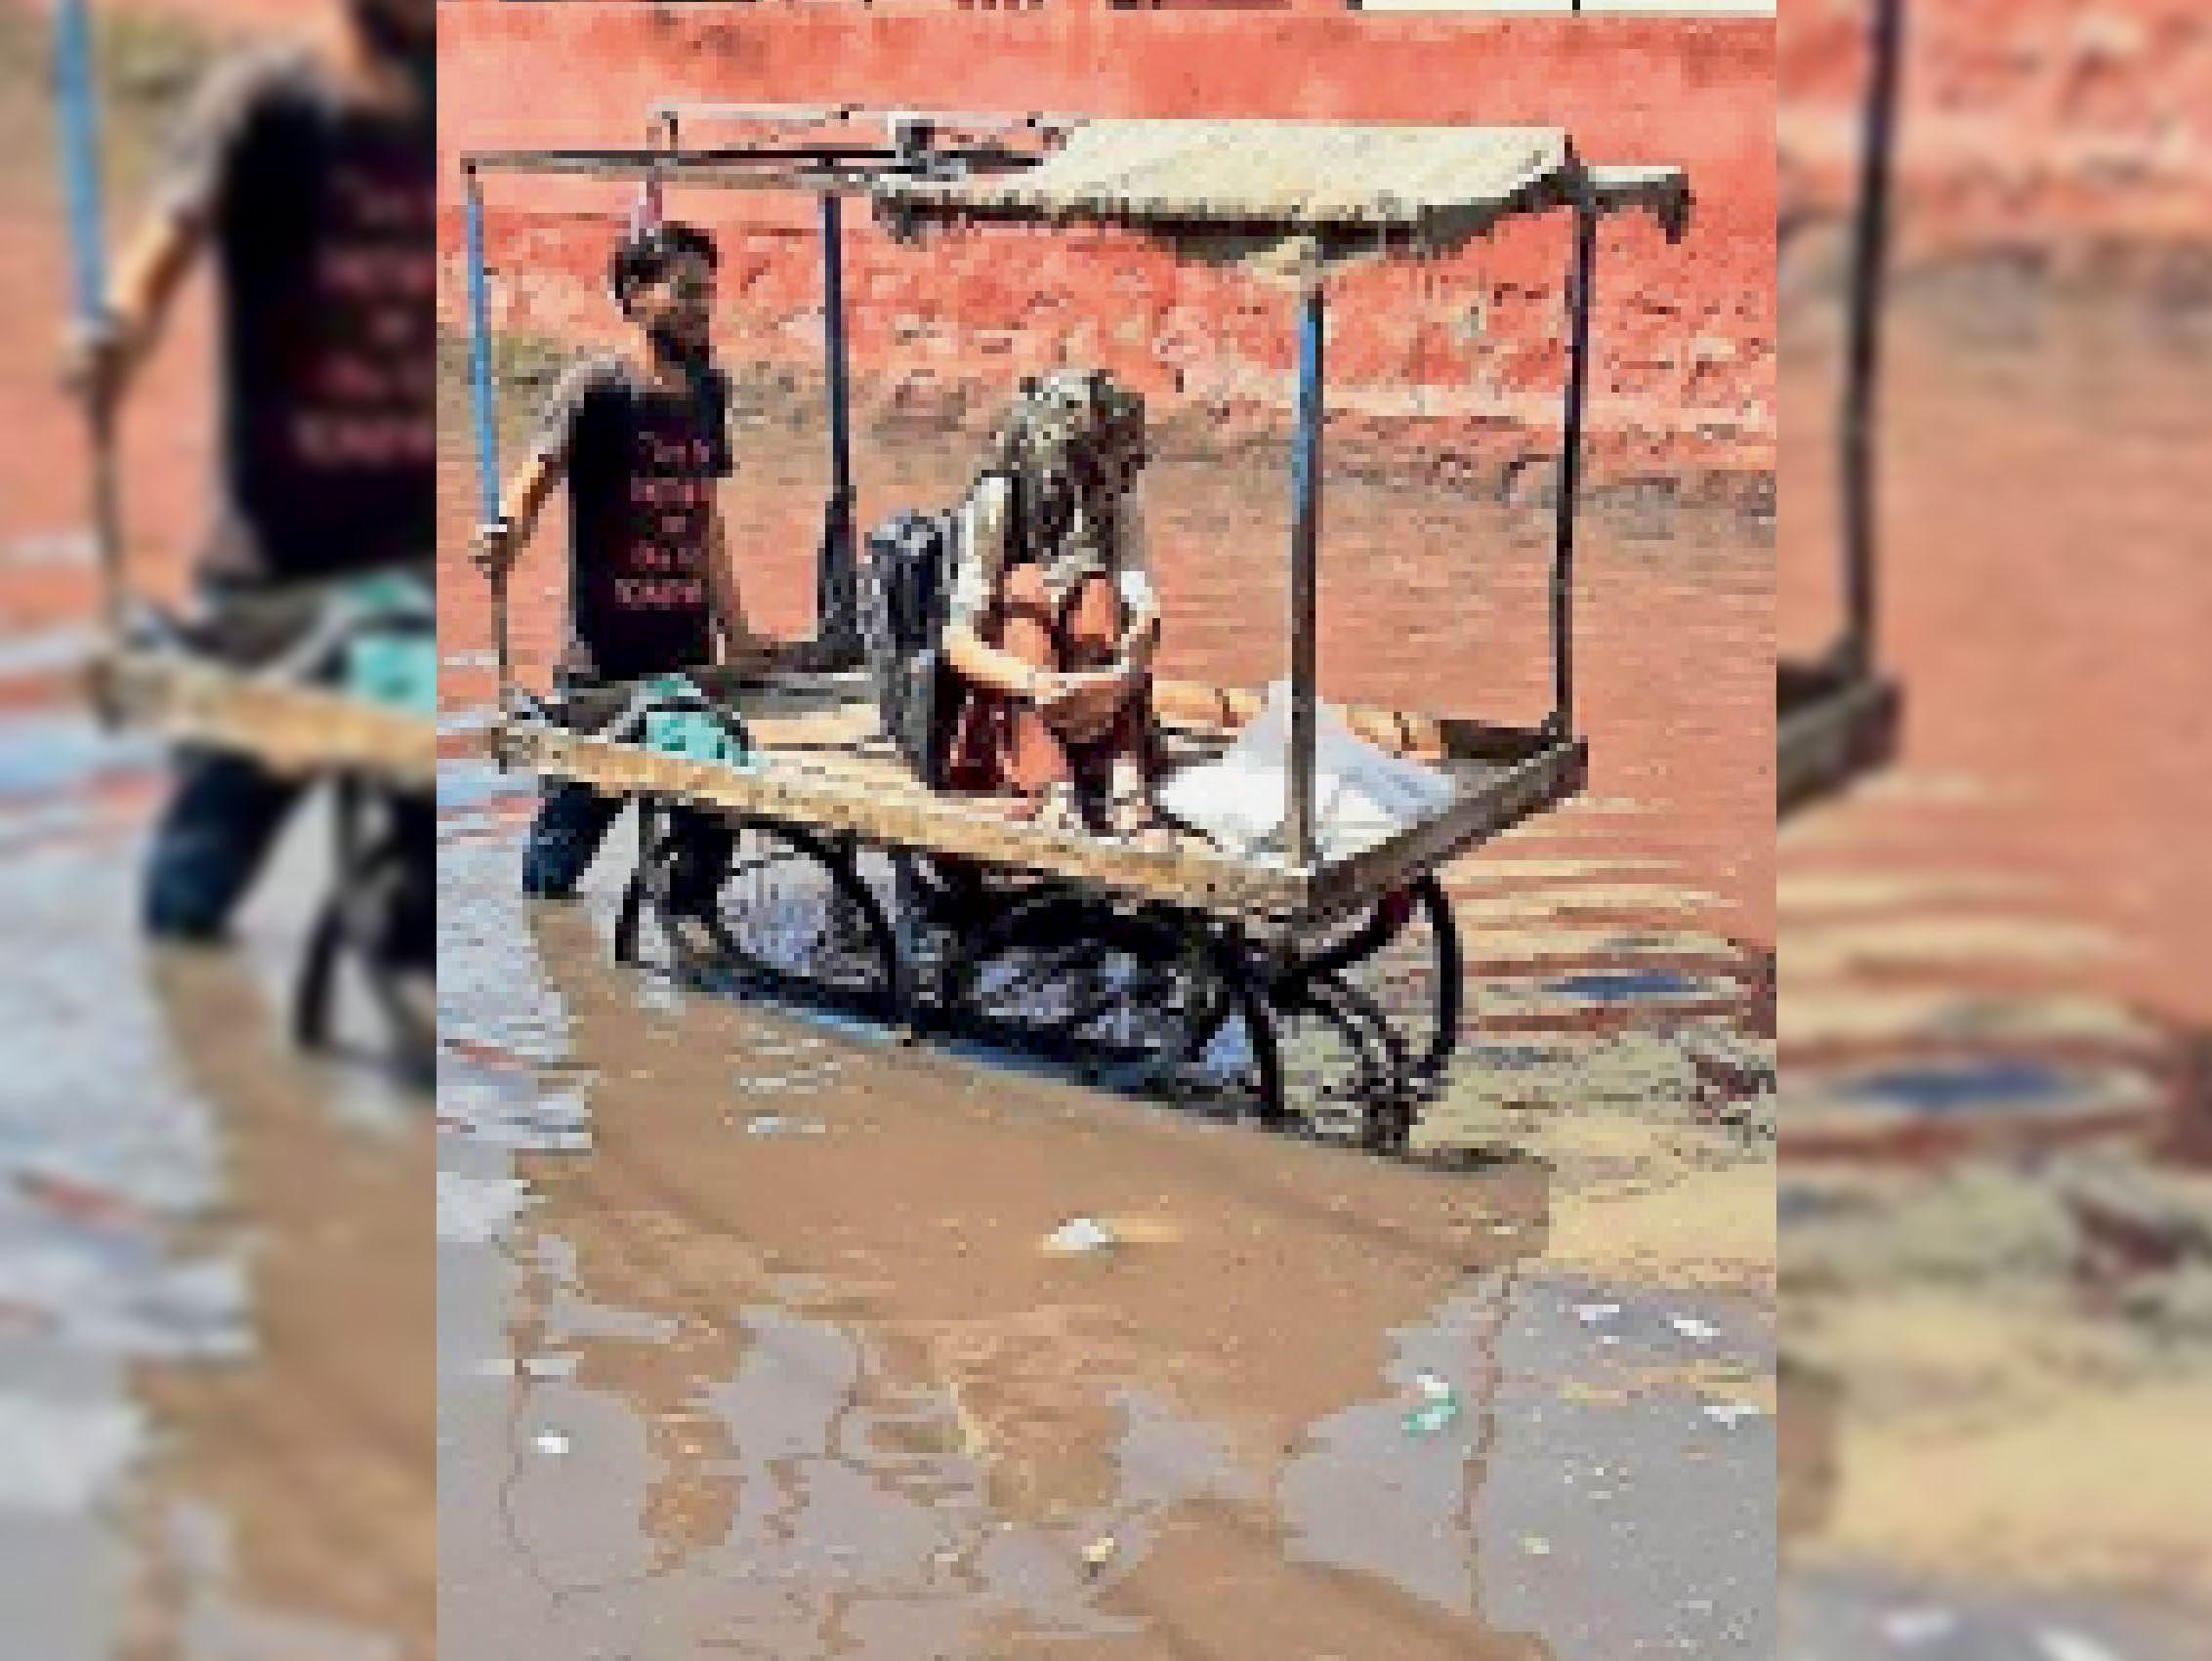 सोमवार को पानी भरने के कारण सुभाष चौक से पंखा एवं जौहरी सागर से झारिया मोरी का आवागमन बंद हो गया। सड़क पर 2 फीट तक पानी भर गया। देर शाम तक निकासी नहीं हो पाई। लोगों ने बताया कि पानी निकासी के लिए नगर परिषद में वे फोन करते रहे, मगर किसी ने जौहरी पंपहाउस की मोटरें चालू नहीं की।। फोटो-सुभाष चौक से पंखा सर्किल जाने वाली रोड पर ठेले में बैठकर परीक्षा केंद्र जाती छात्रा। - Dainik Bhaskar